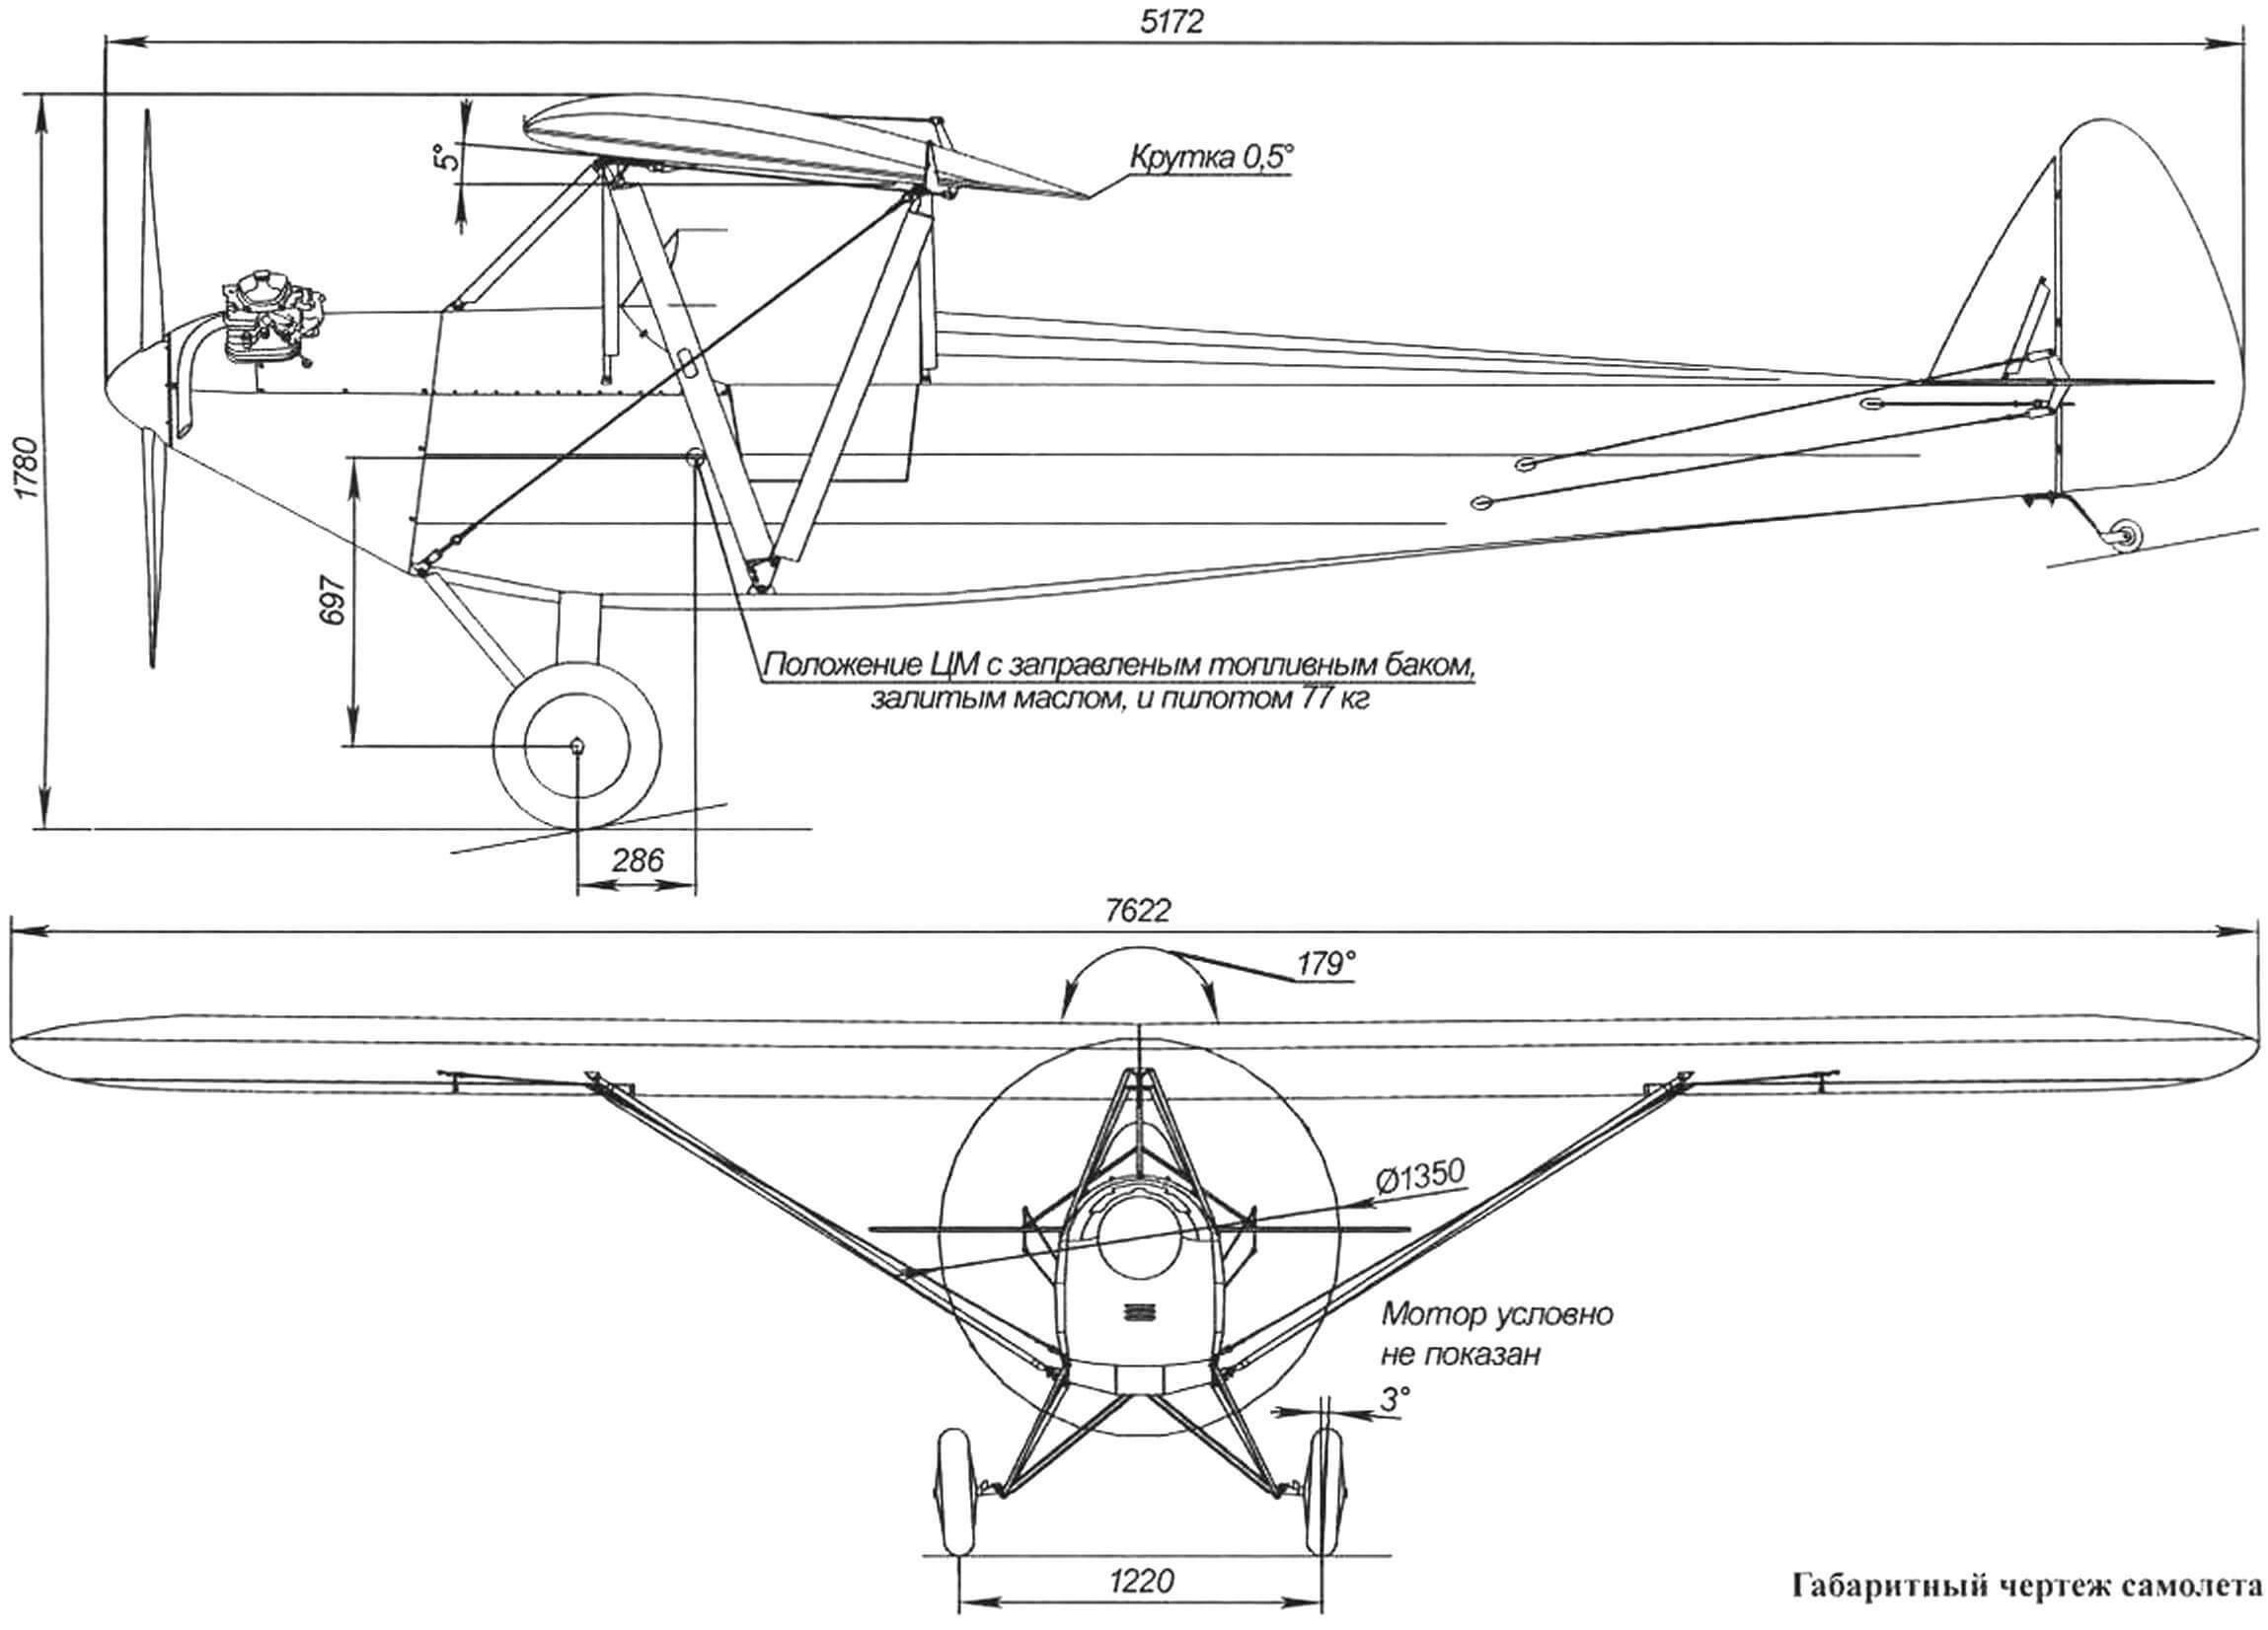 Габаритный чертеж самолета